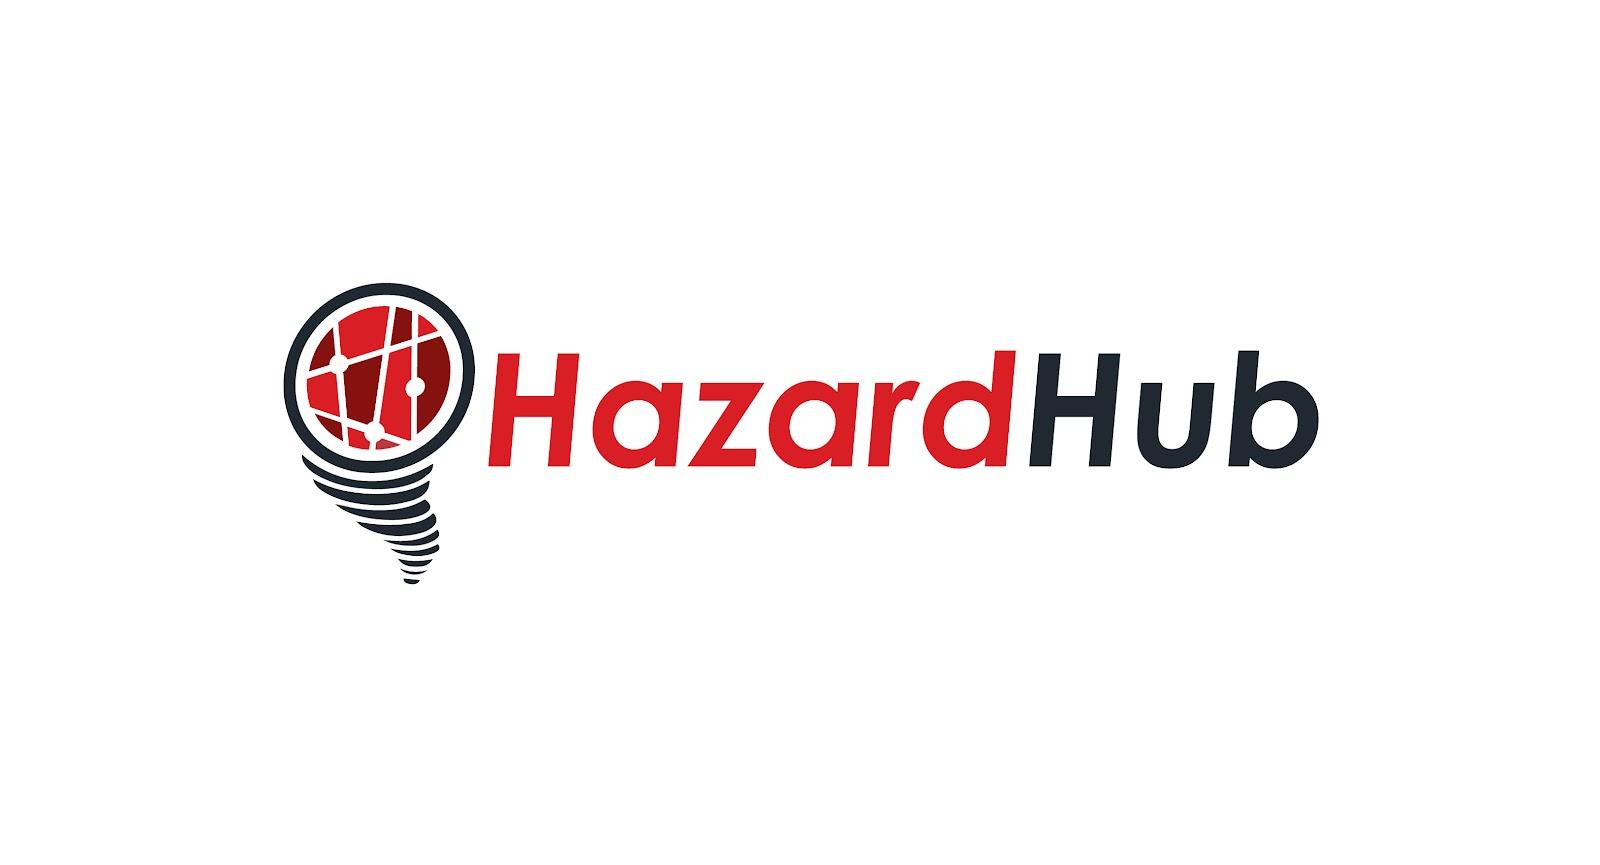 HazardHub's logo